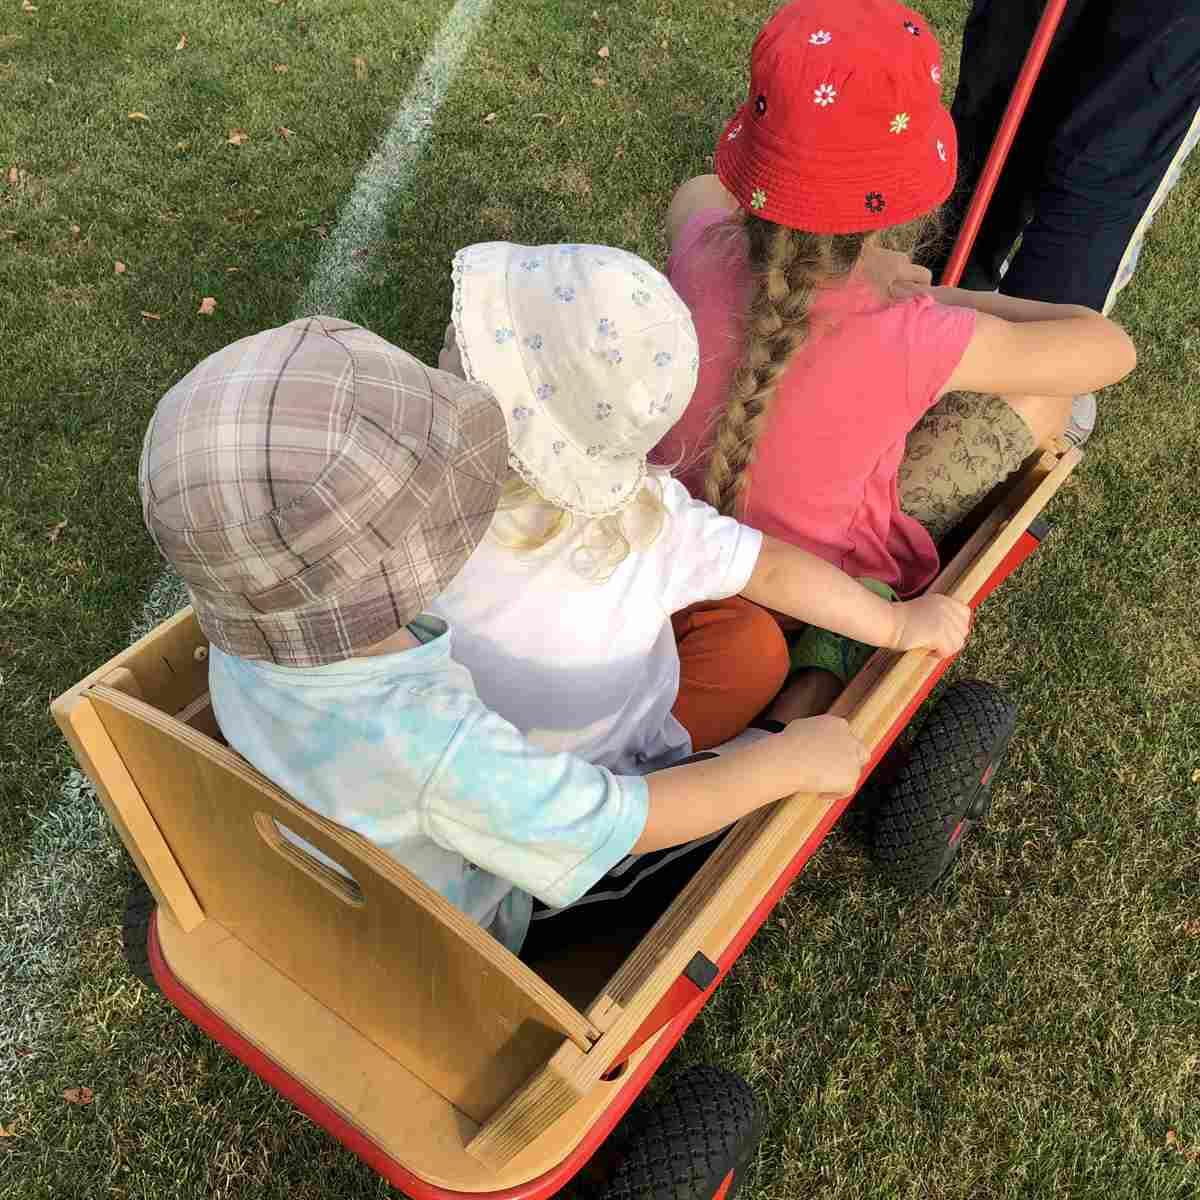 Wochenende in Bildern #WiB 37 2019 – Großeinkauf und Bollerwagen